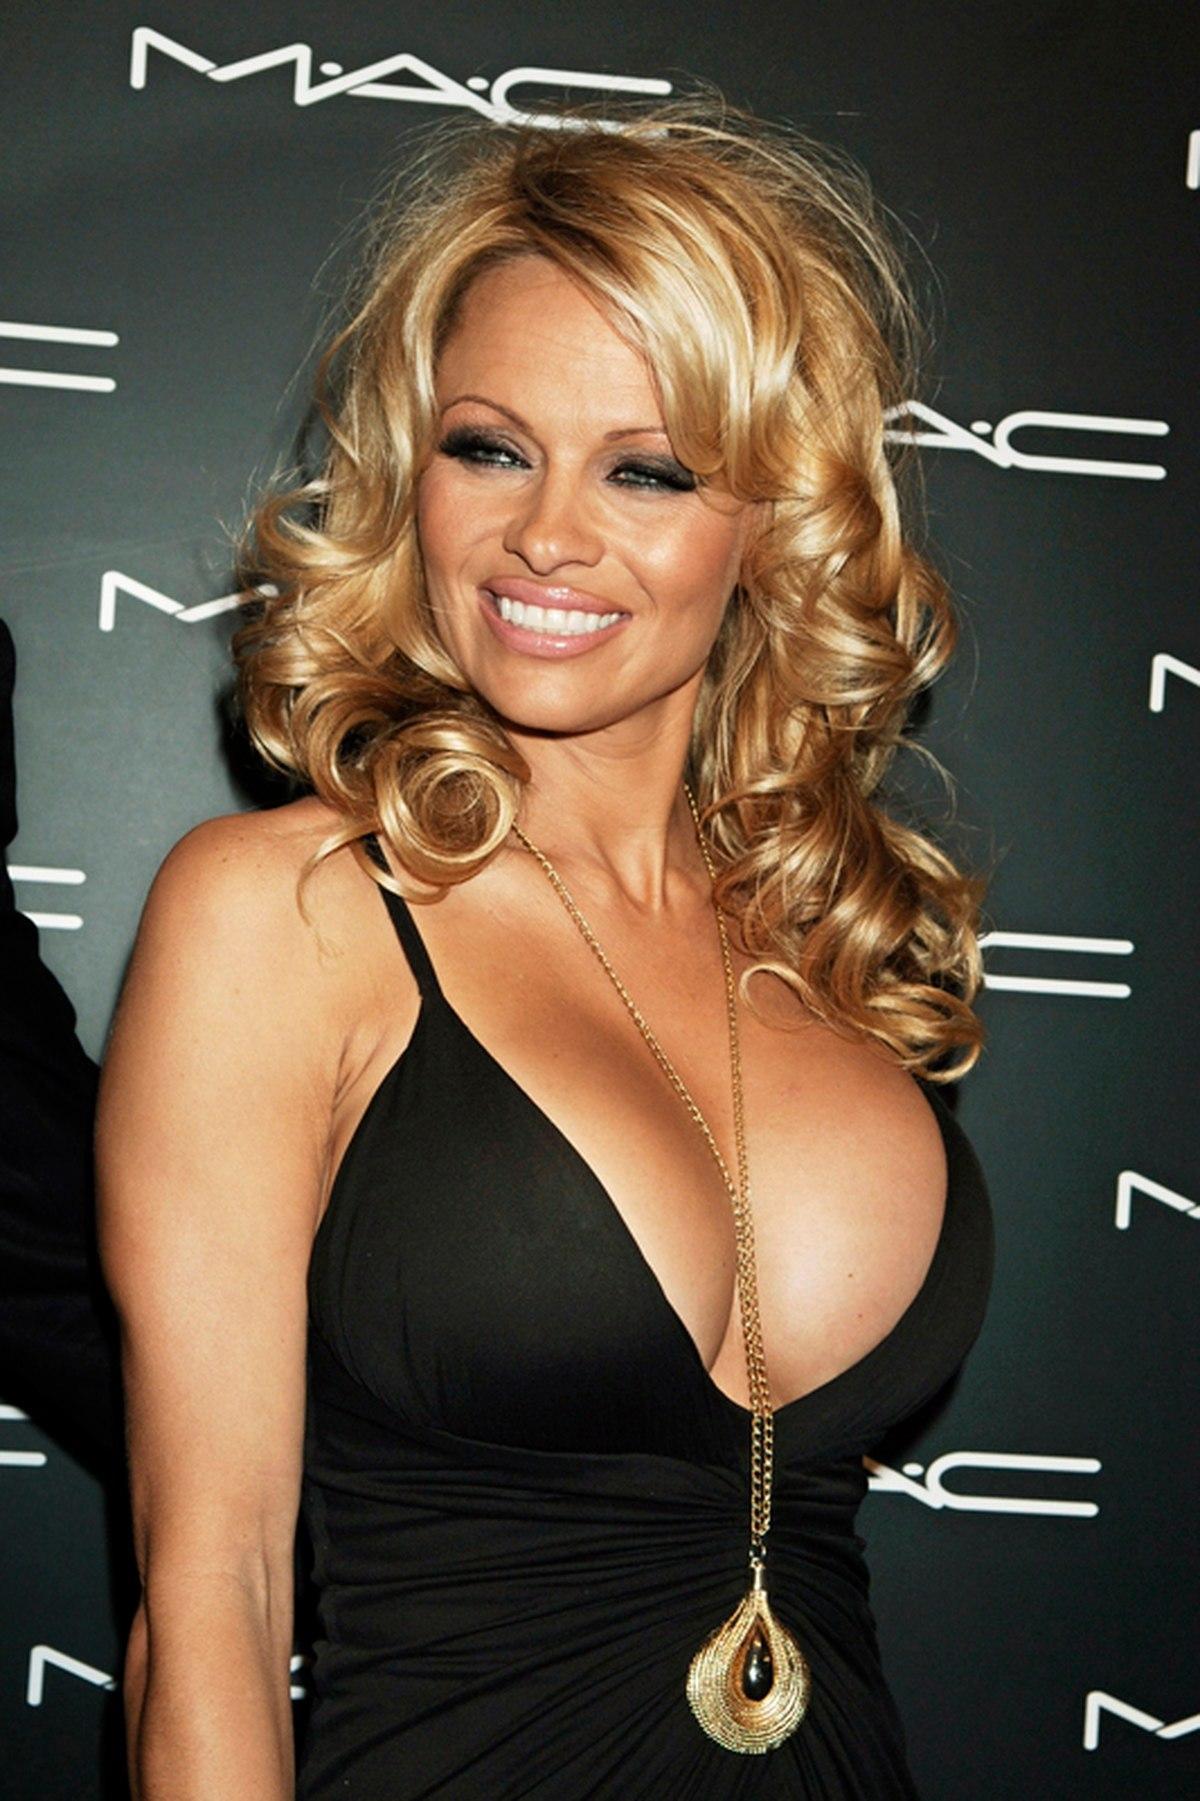 Pamela Anderson hot look pics